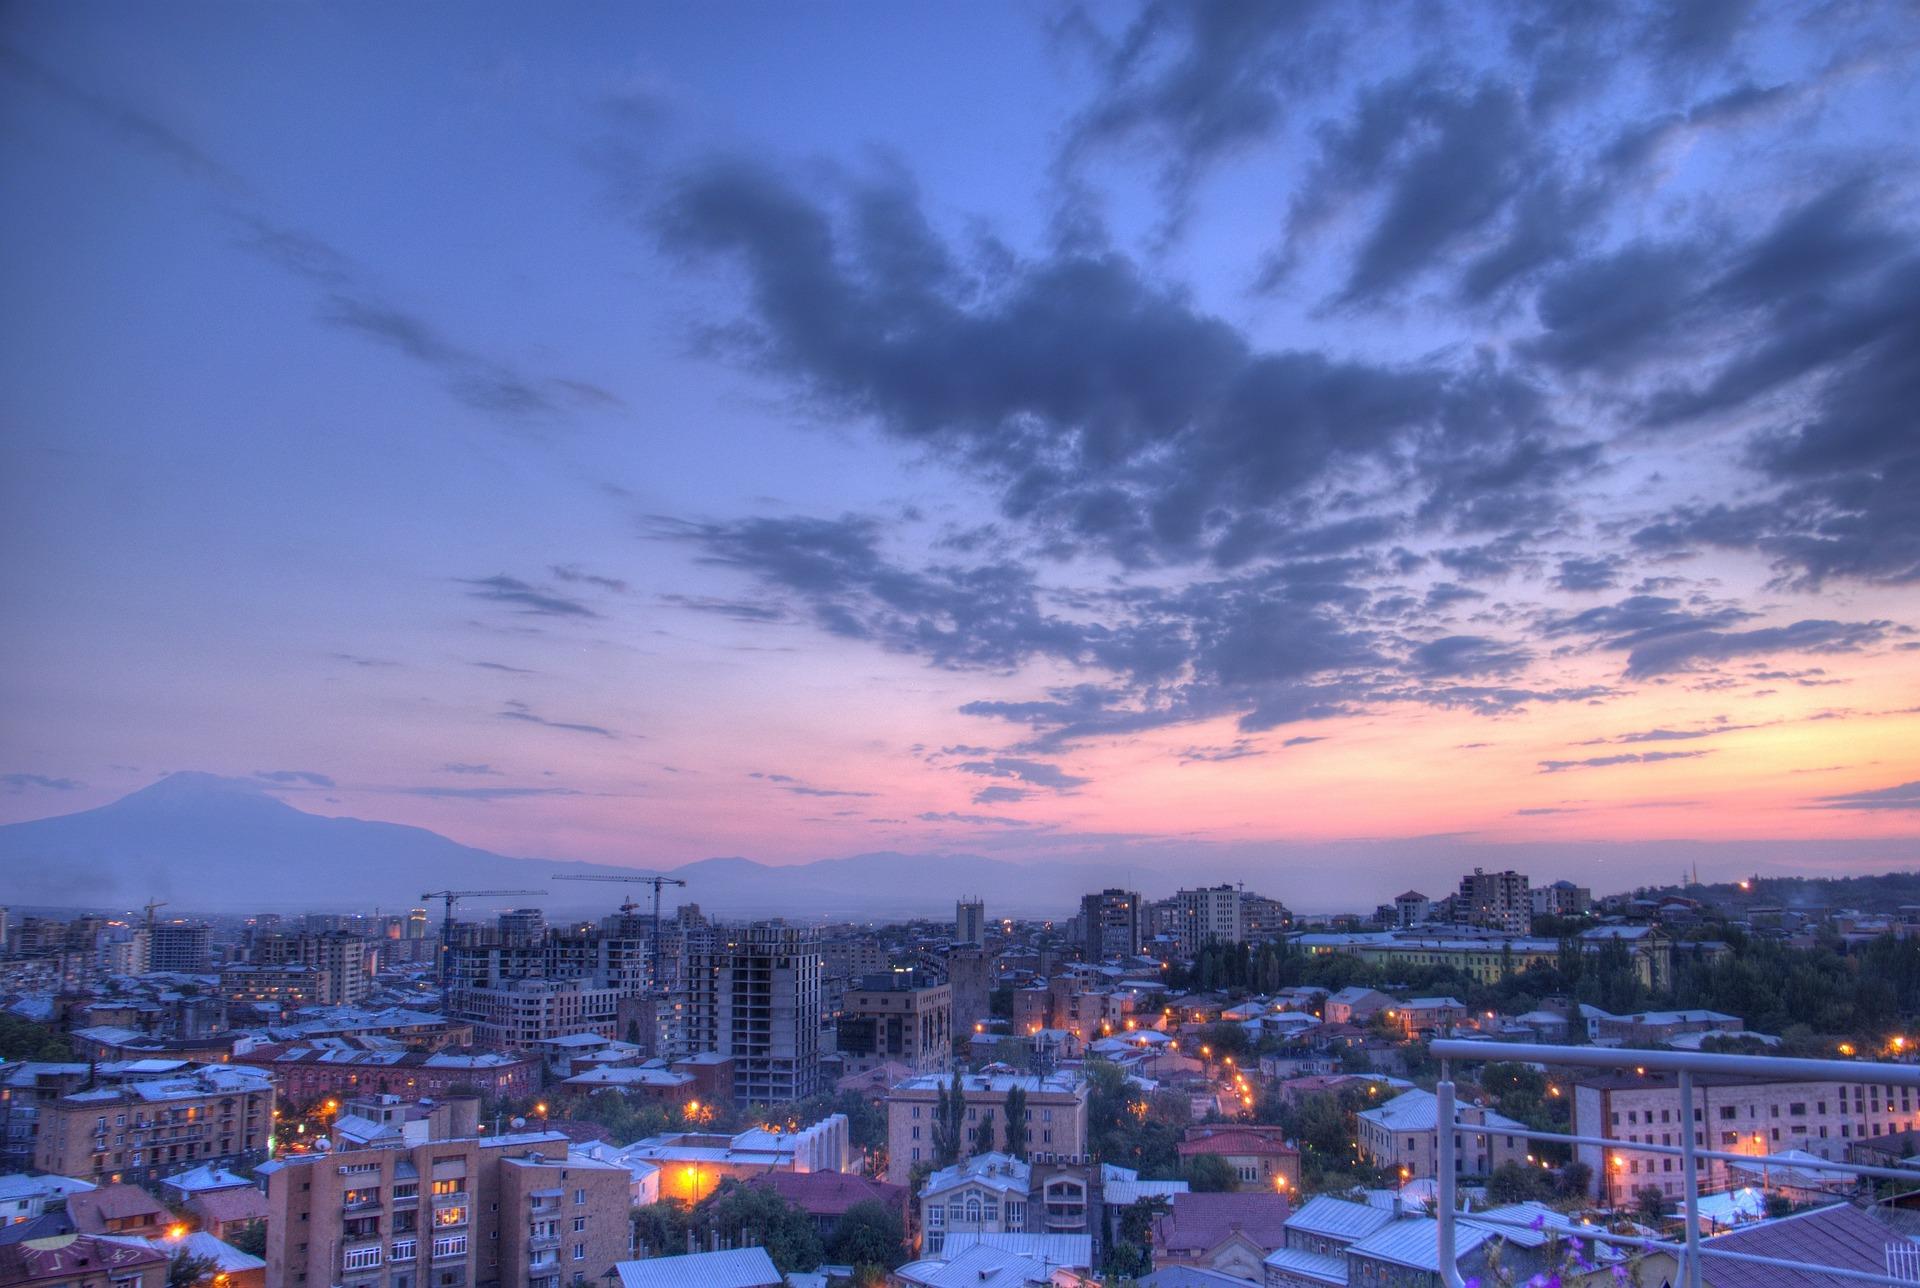 Yerevan city in Armenia